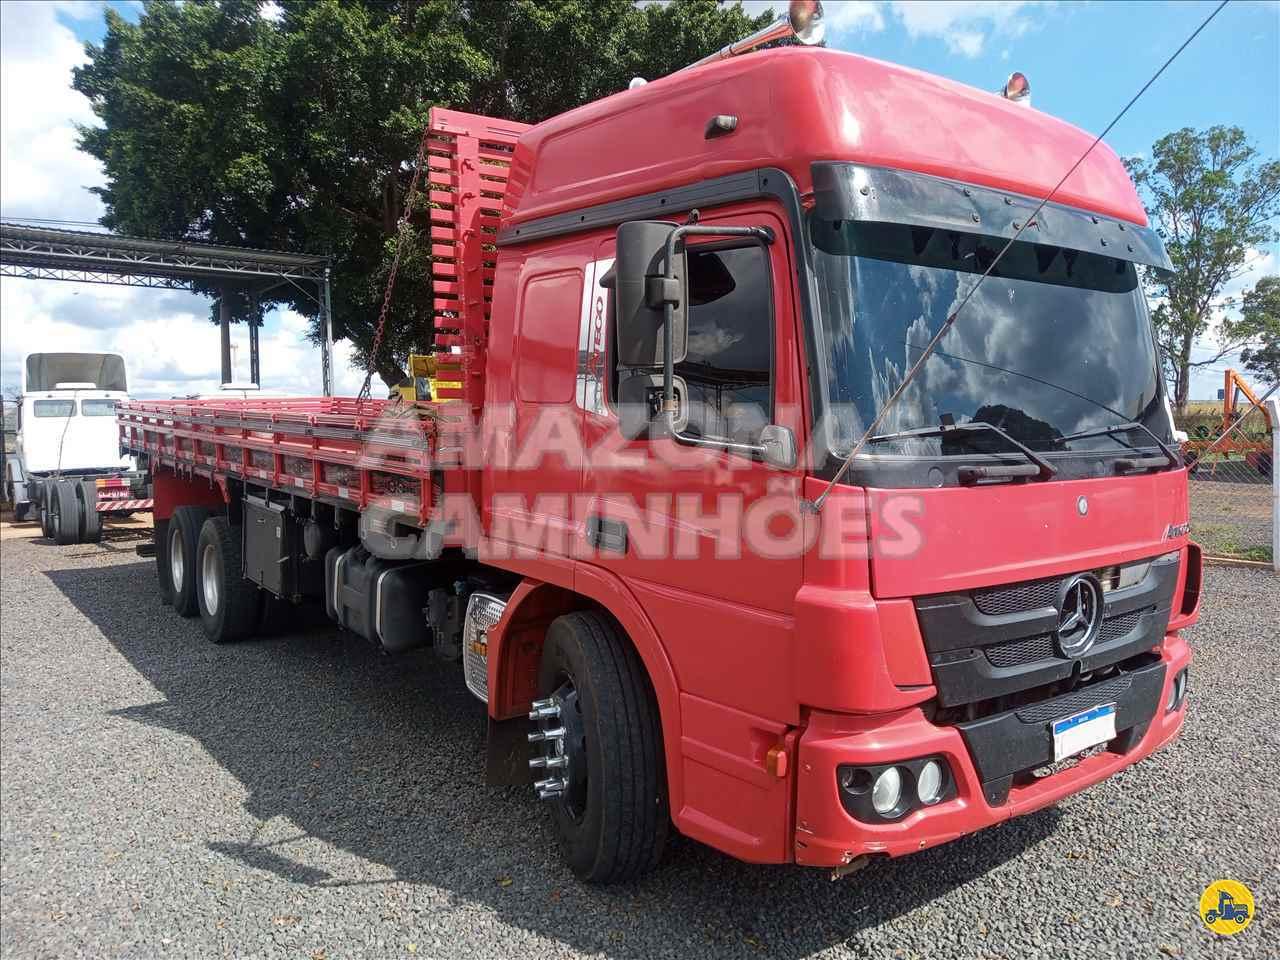 CAMINHAO MERCEDES-BENZ MB 2430 Carga Seca Truck 6x2 Amazonas Caminhões - SP MARILIA SÃO PAULO SP